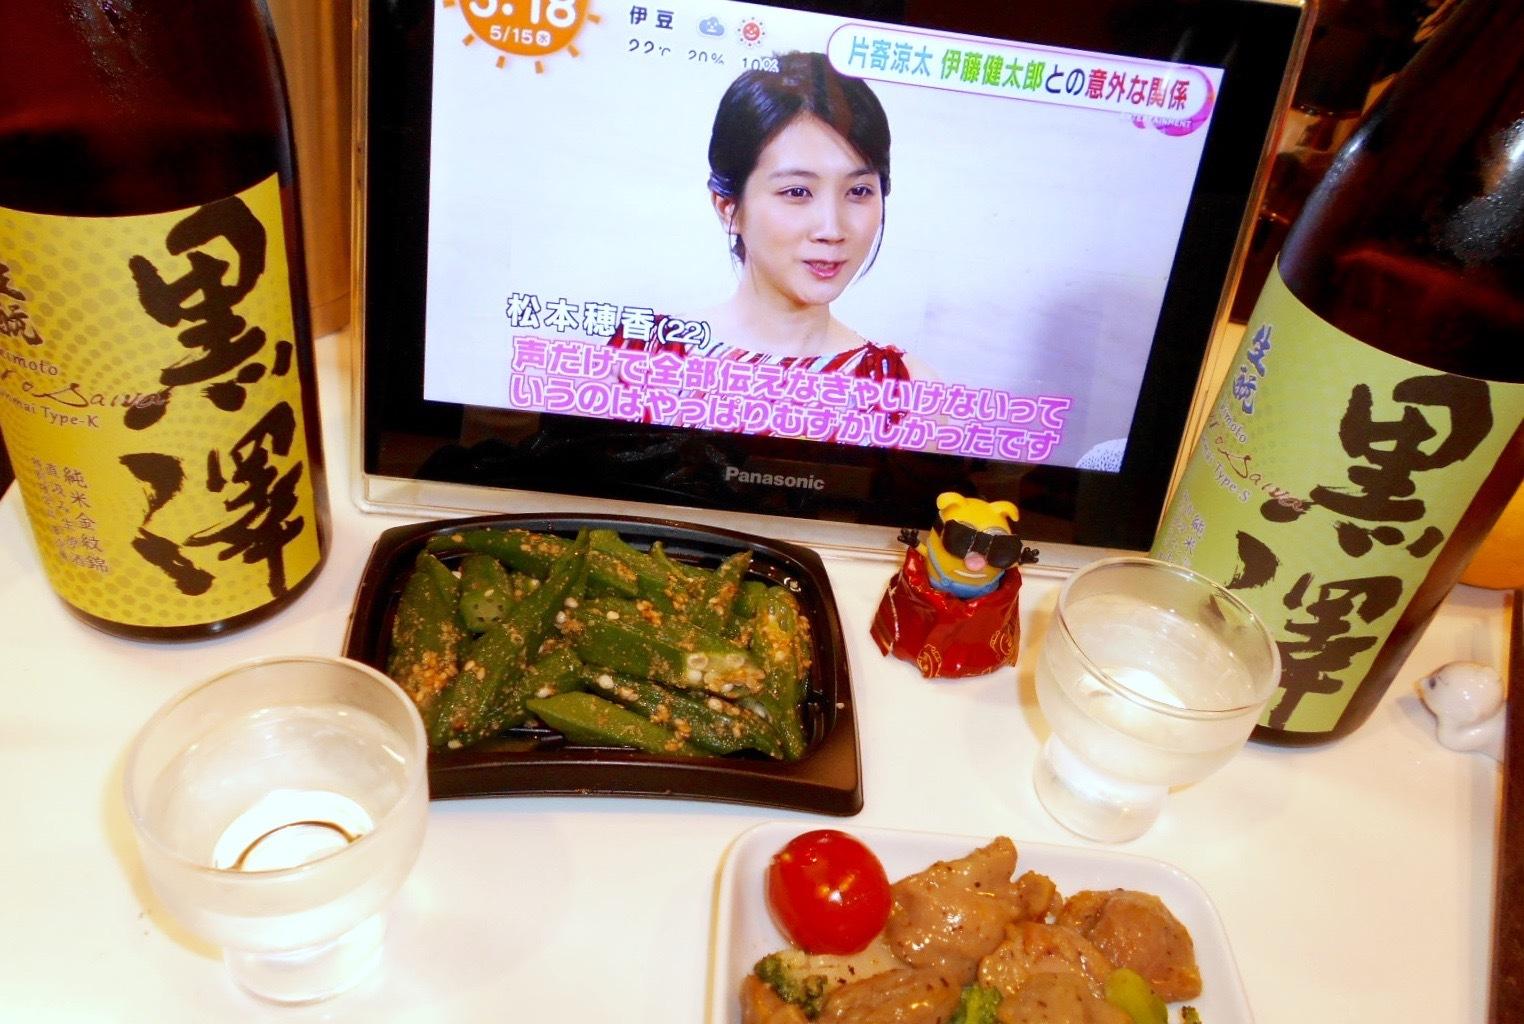 kurosawa_type-k30by1_8.jpg